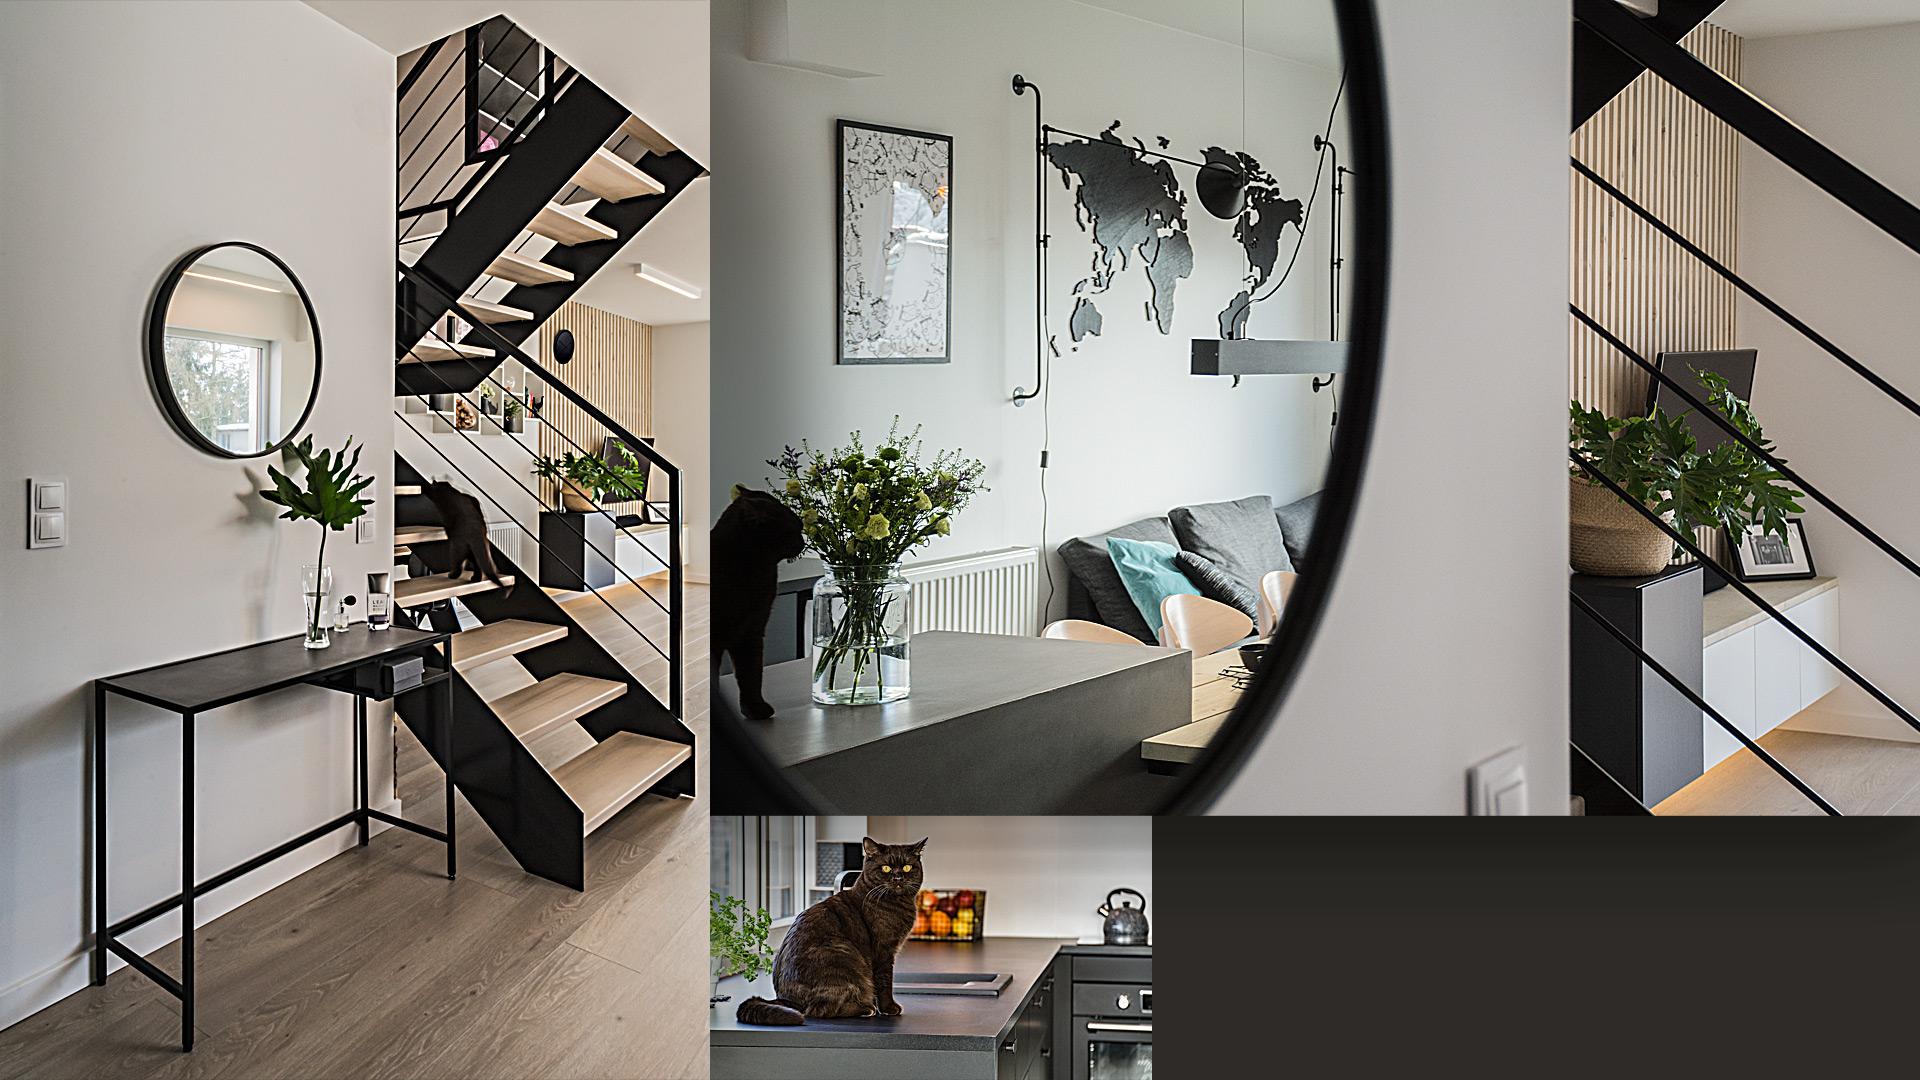 Dla młodego małżeństwa zaprojektowaliśmy wygodne, jasne wnętrz domu z zaakcentowaniem ich pasji: podróży, sportu i kotów.